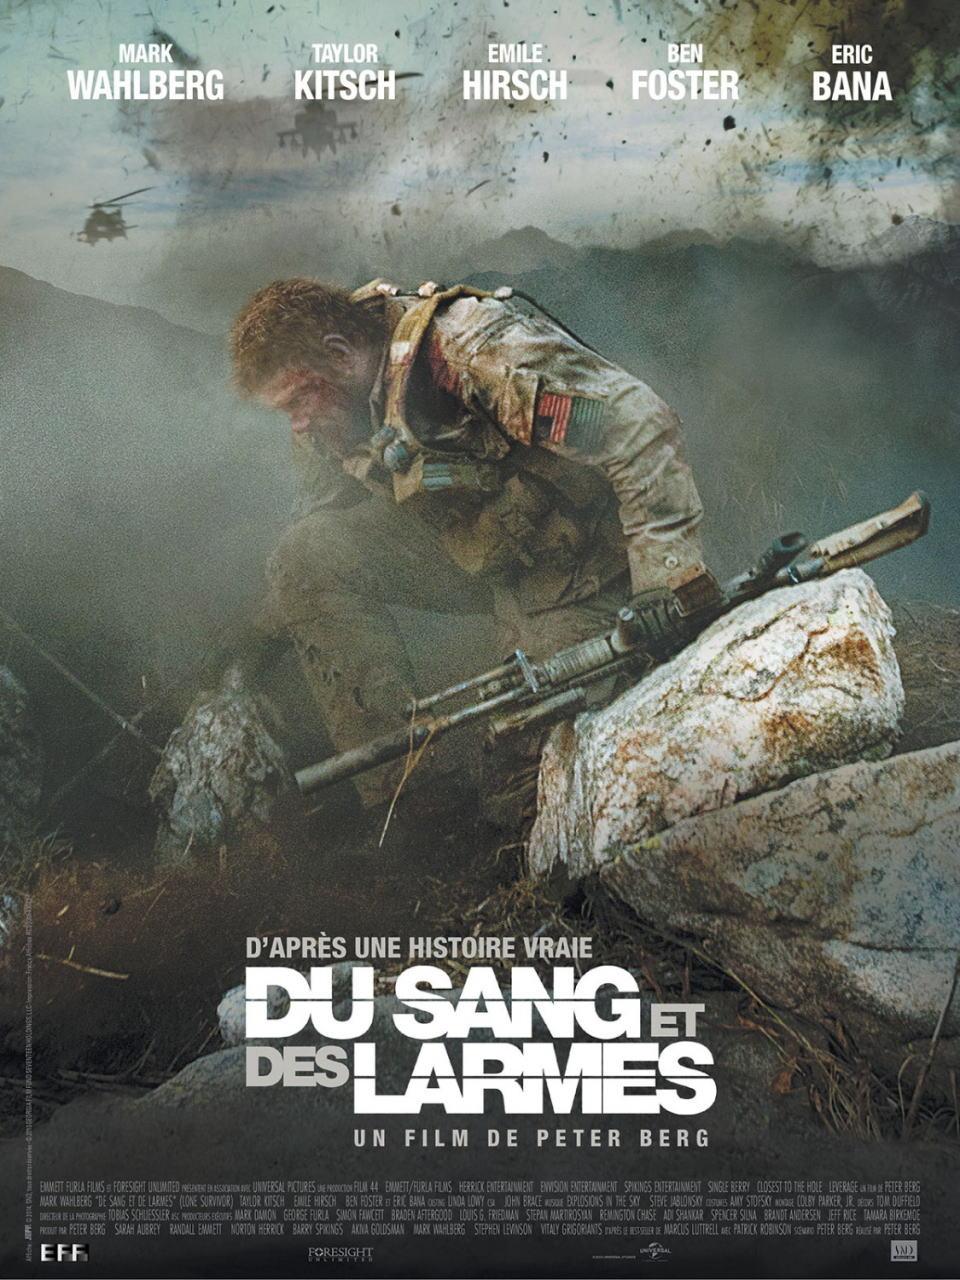 映画『ローン・サバイバー (2013) LONE SURVIVOR』ポスター(2)▼ポスター画像クリックで拡大します。